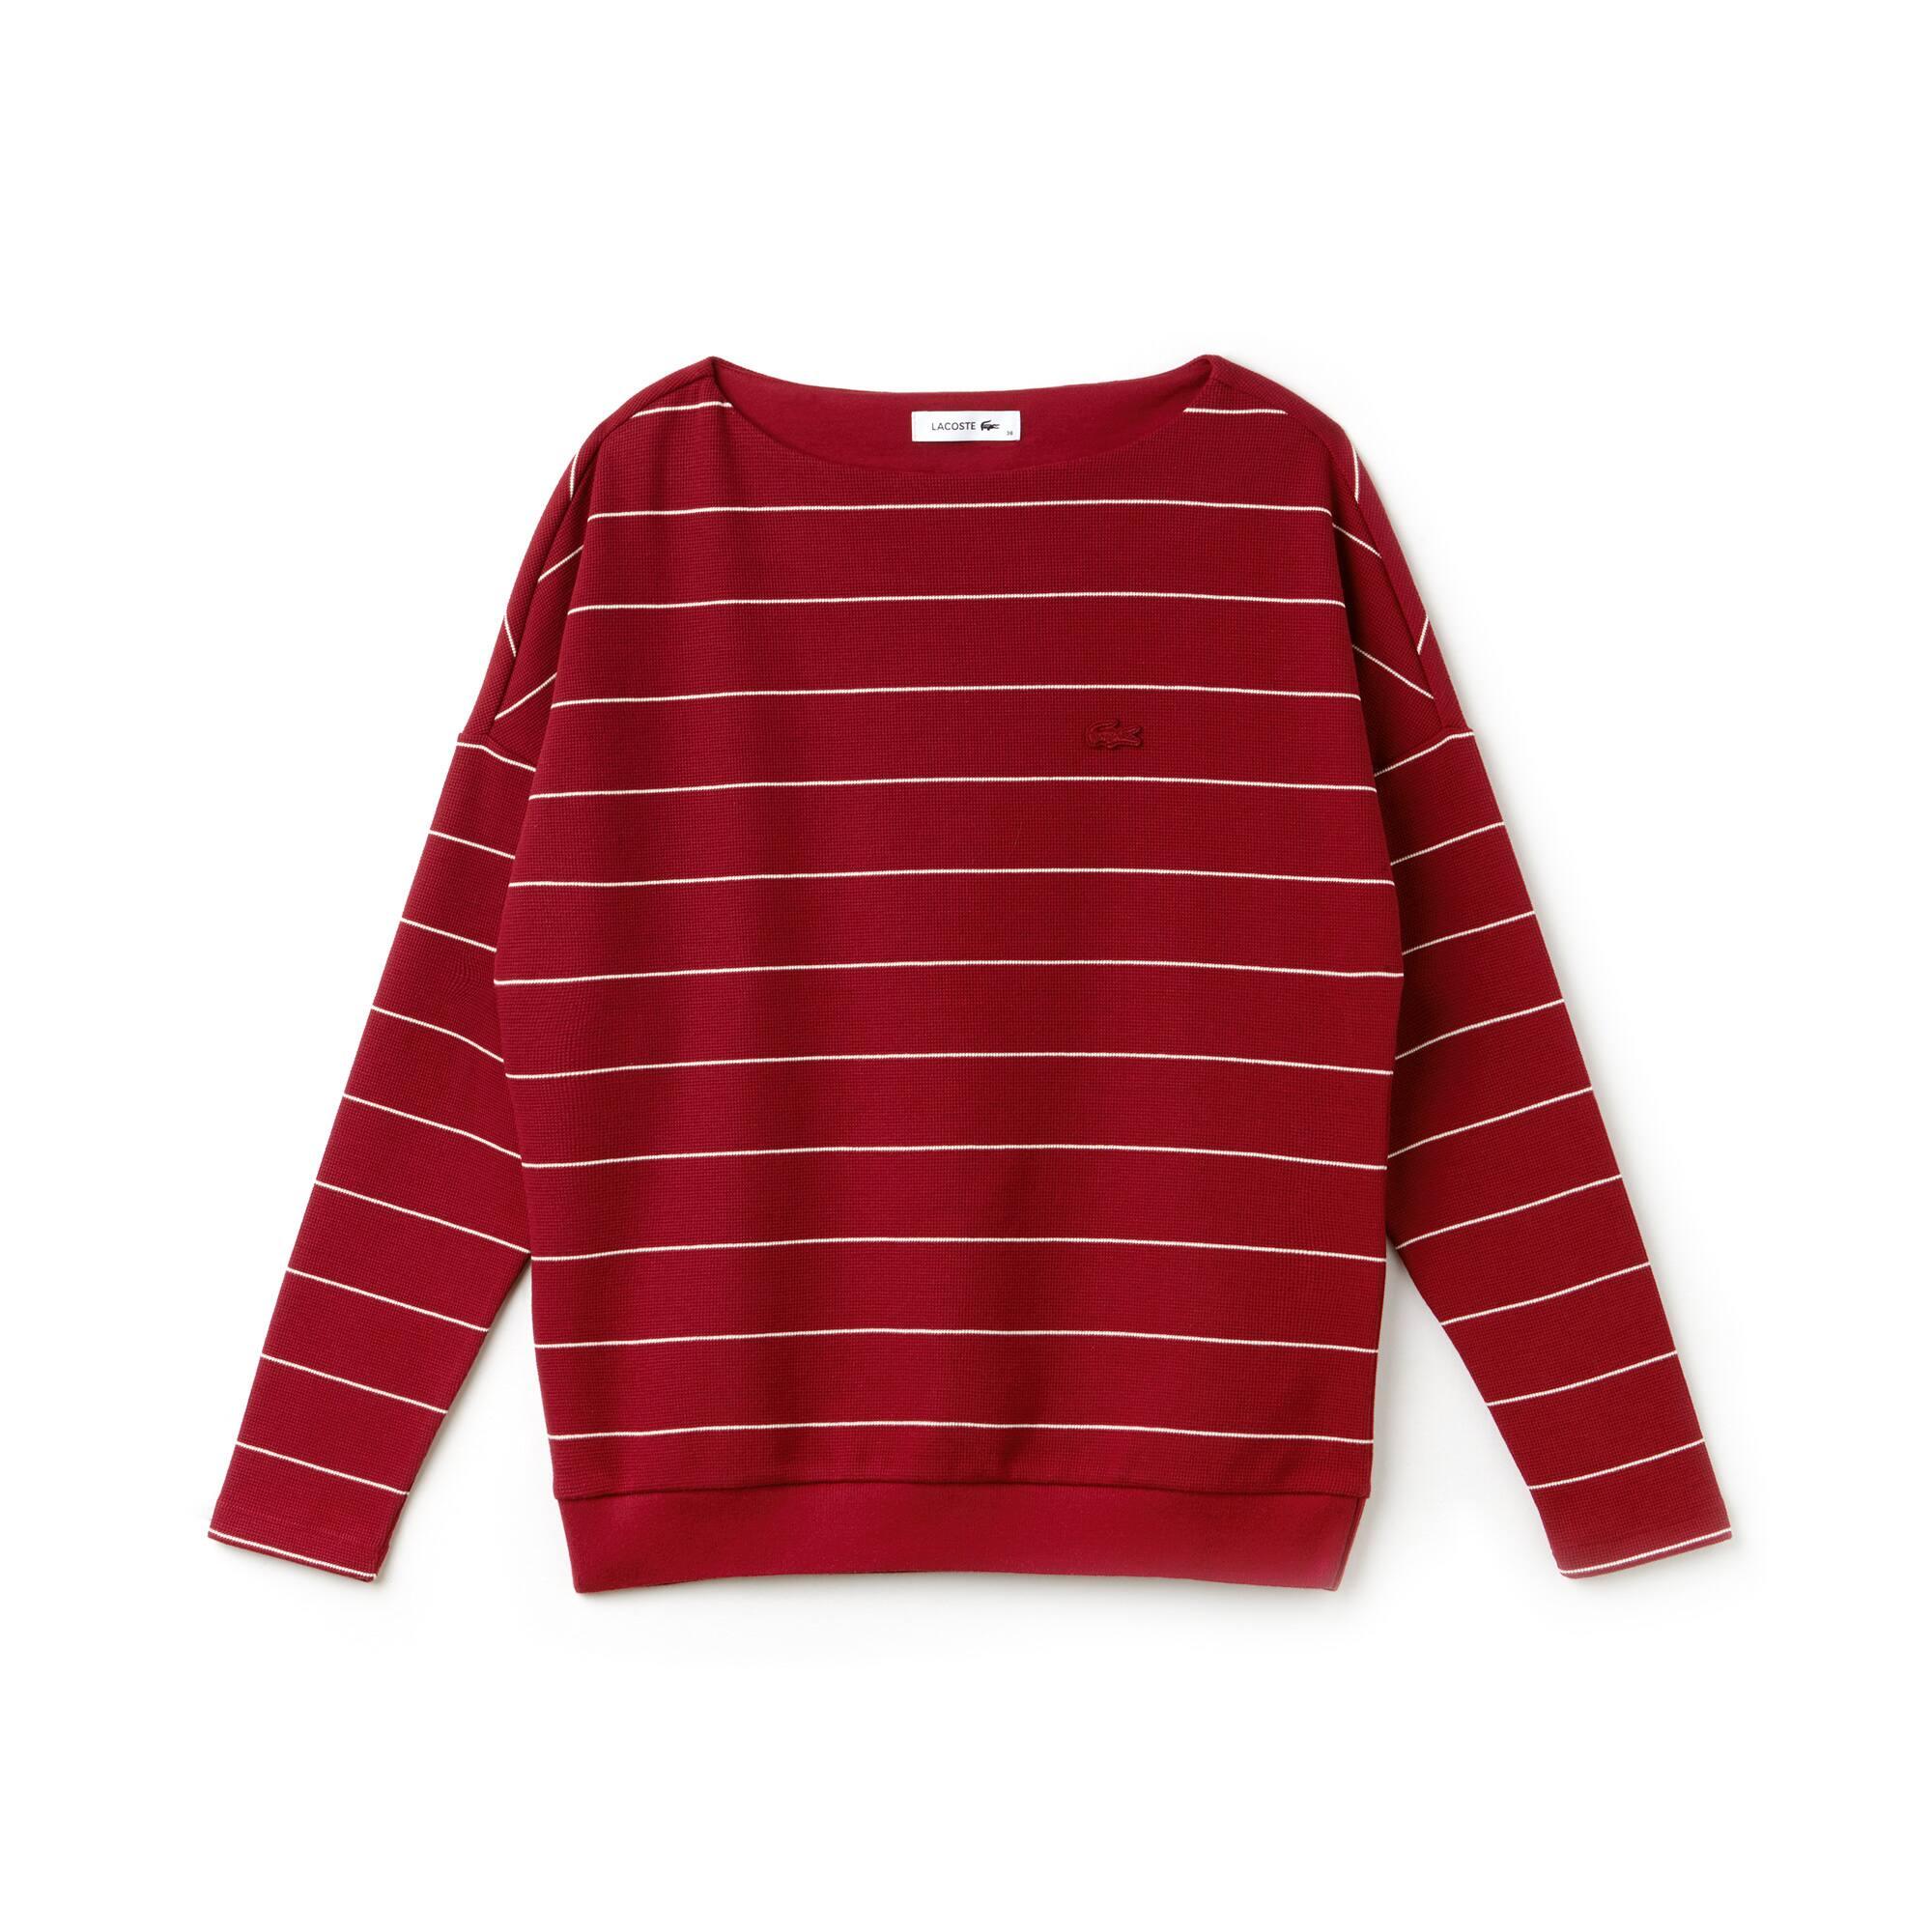 Damen-Sweatshirt aus gestreifter Baumwolle mit U-Boot-Ausschnitt